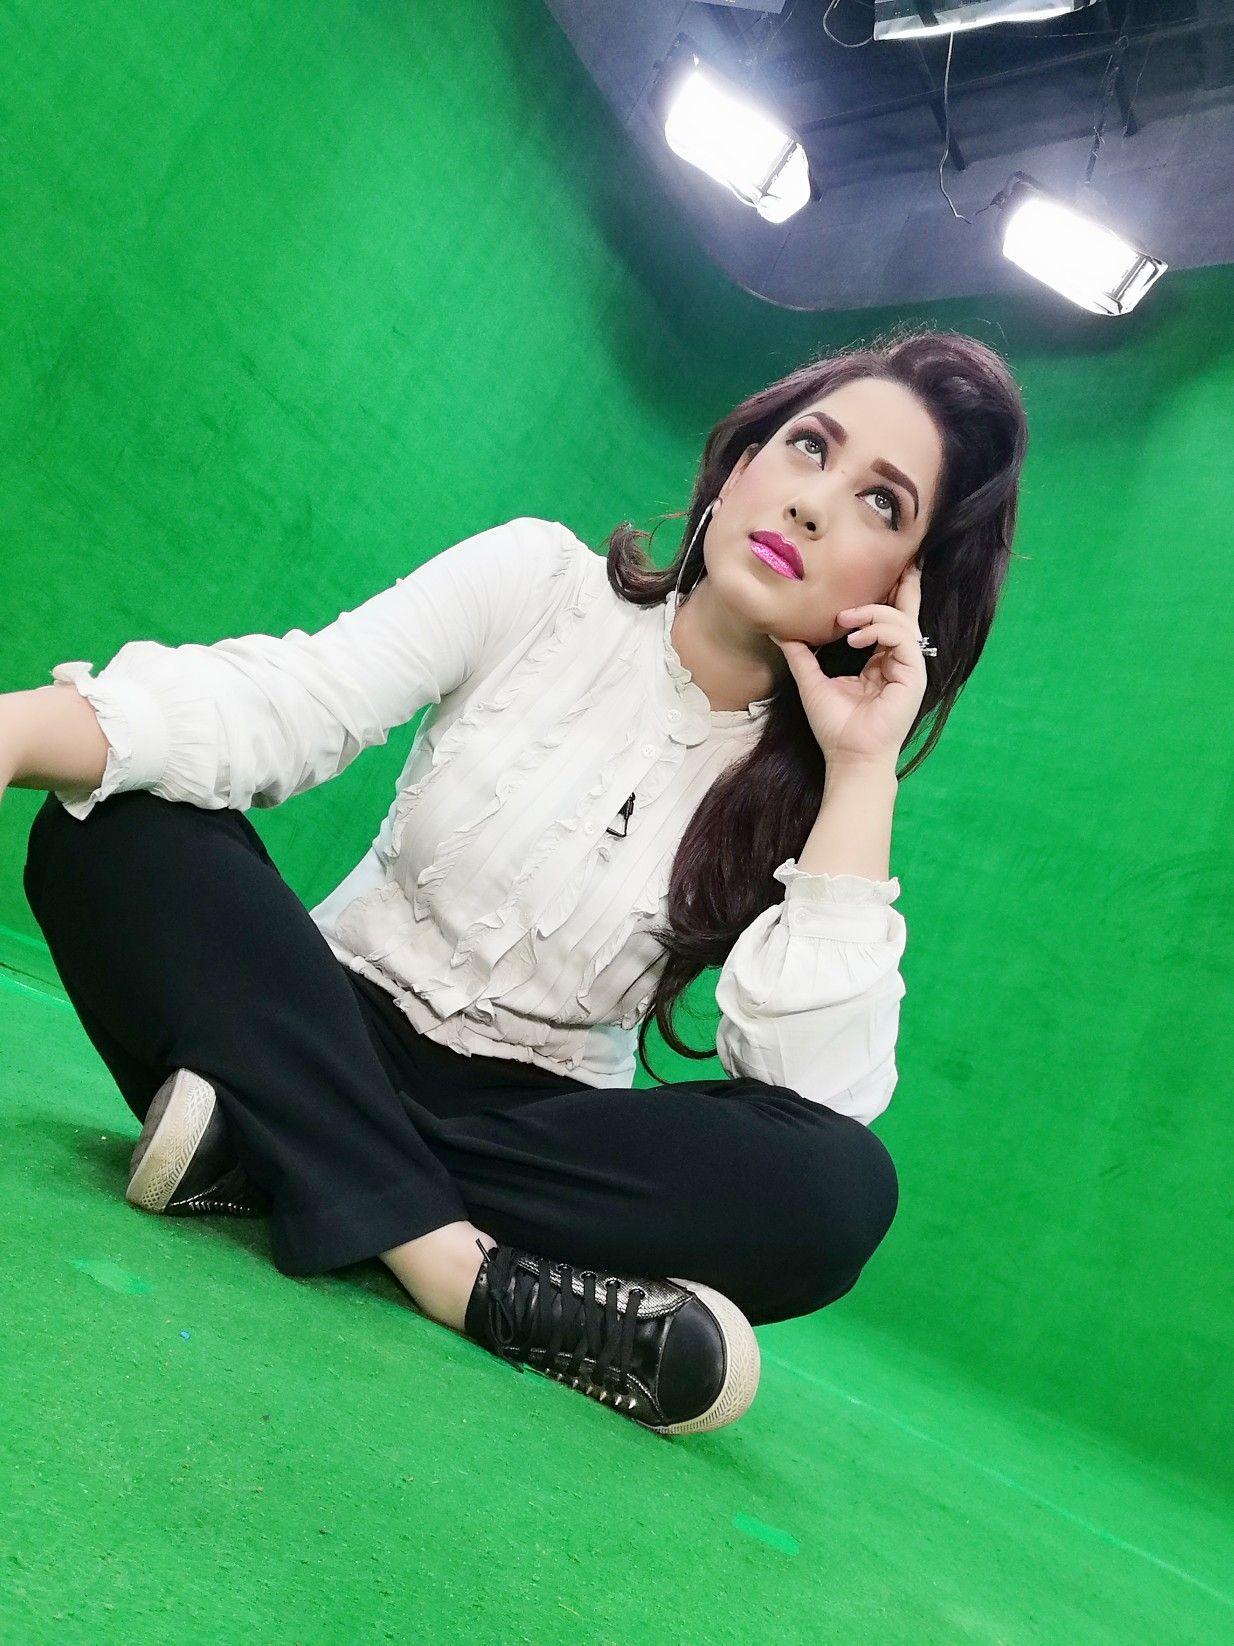 Pin by MISHA on misha bajwa chaudhary india news Misha